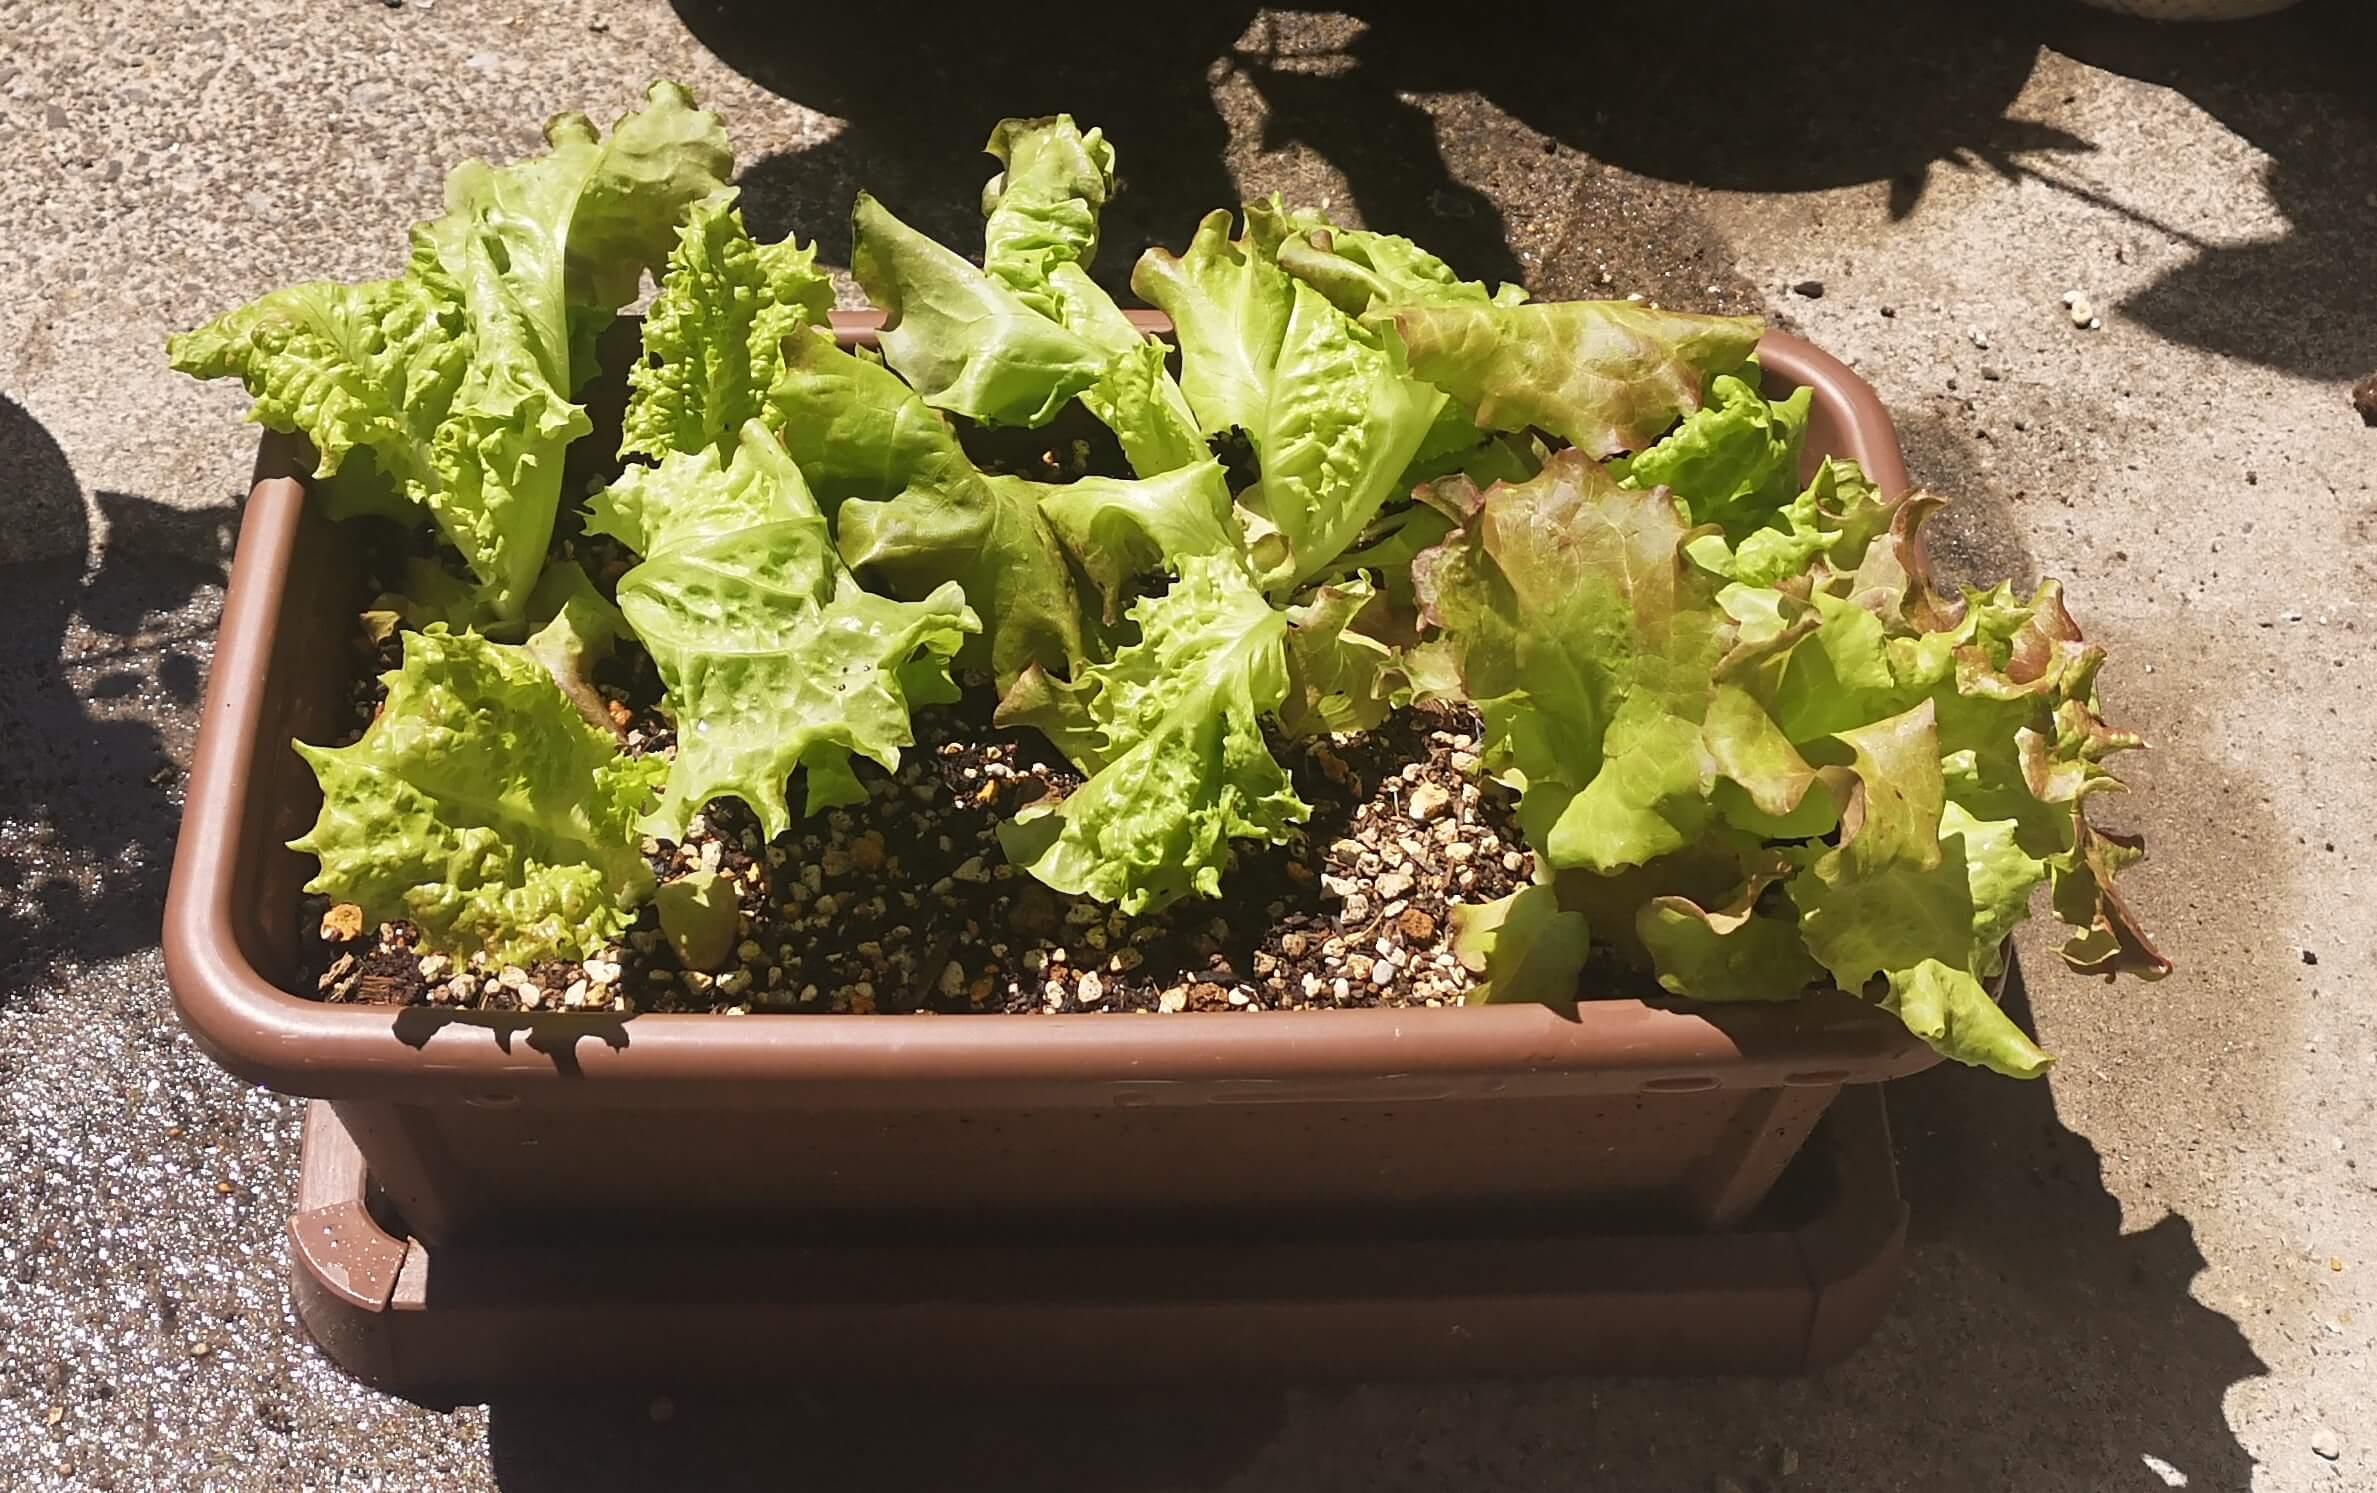 はじめて収穫後のサニーレタスはかき取って少し残しておいた